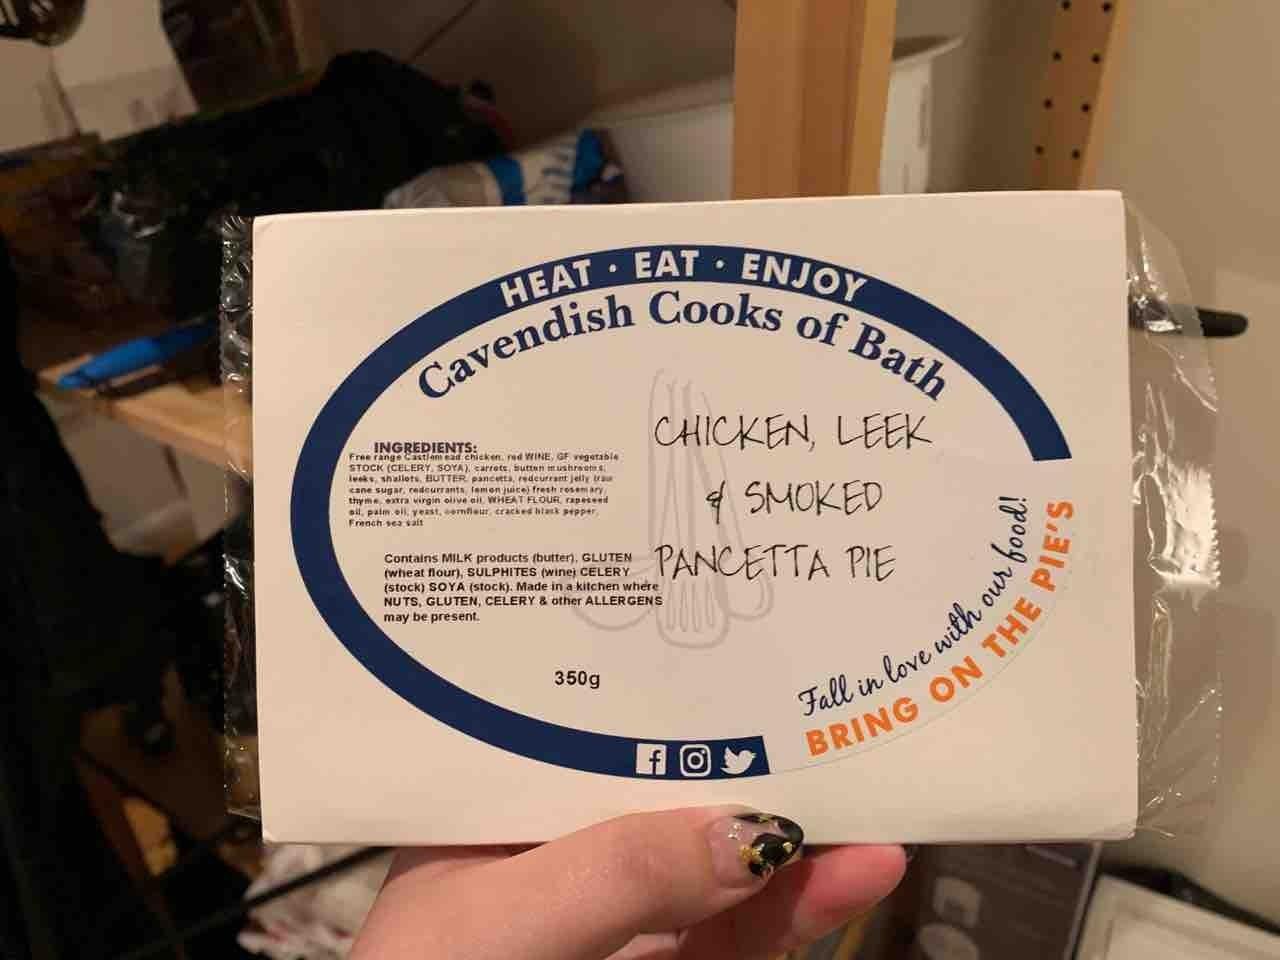 Cavendish Cooks chicken leek and pancetta pie